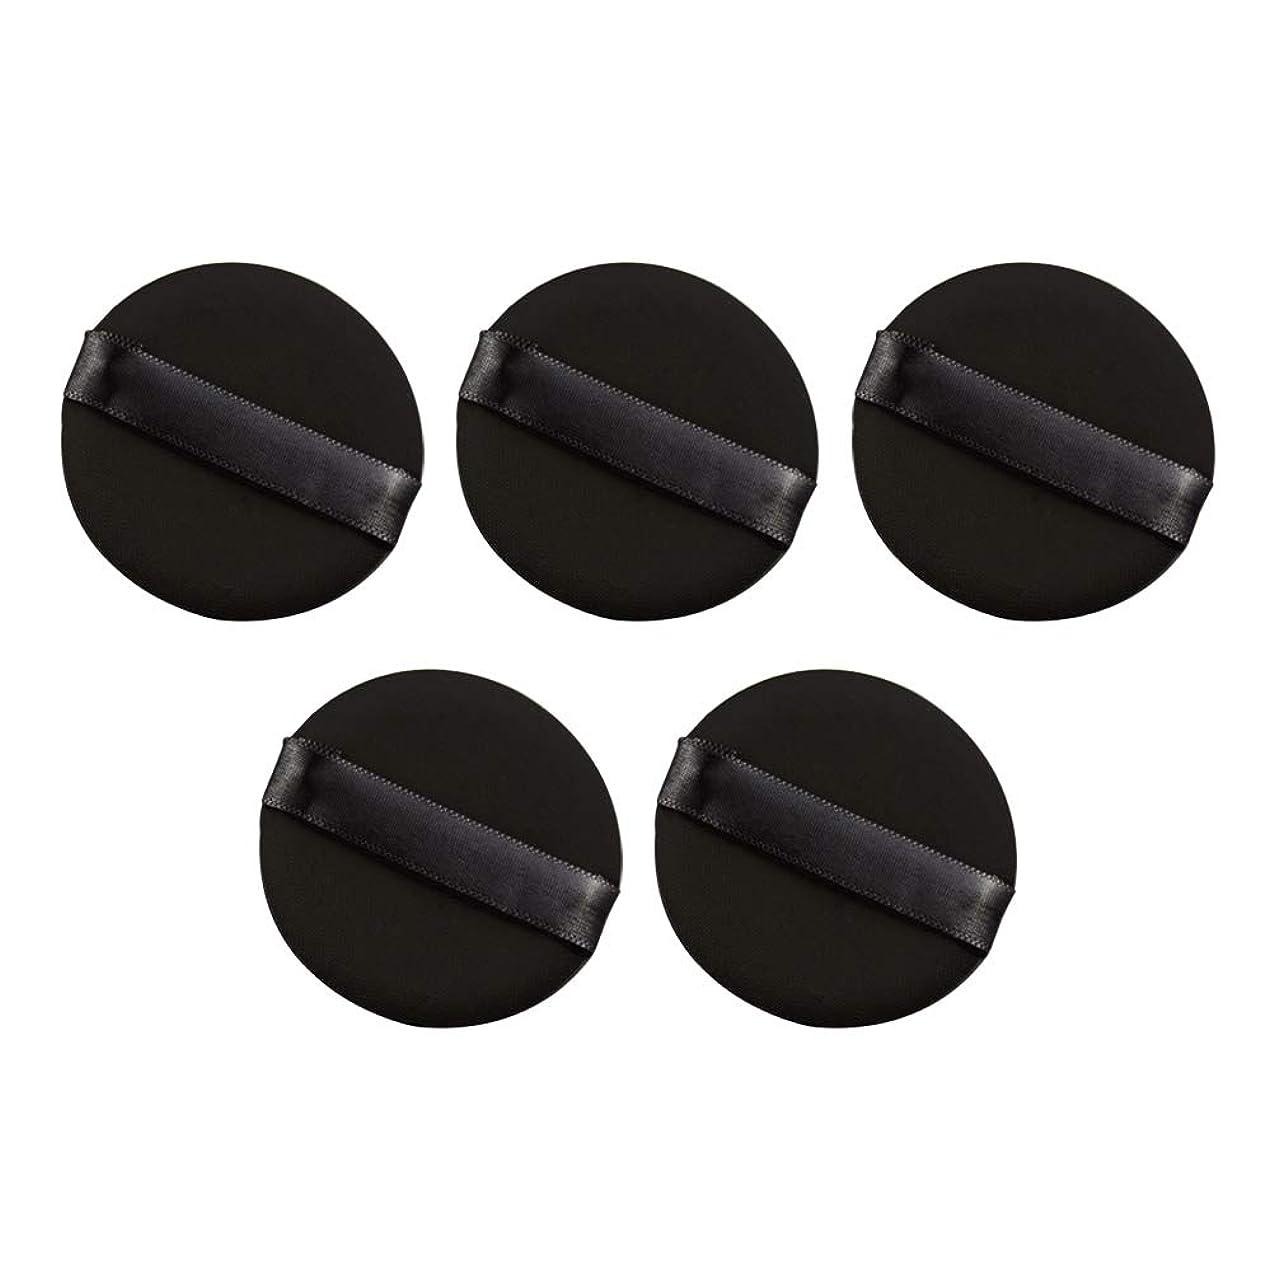 ミリメートル実業家勇敢なFrcolor パウダーパフ エアクッション 化粧ツール ラテックスではない 弾力性 化粧品 旅行用 5個セット(ブラック)